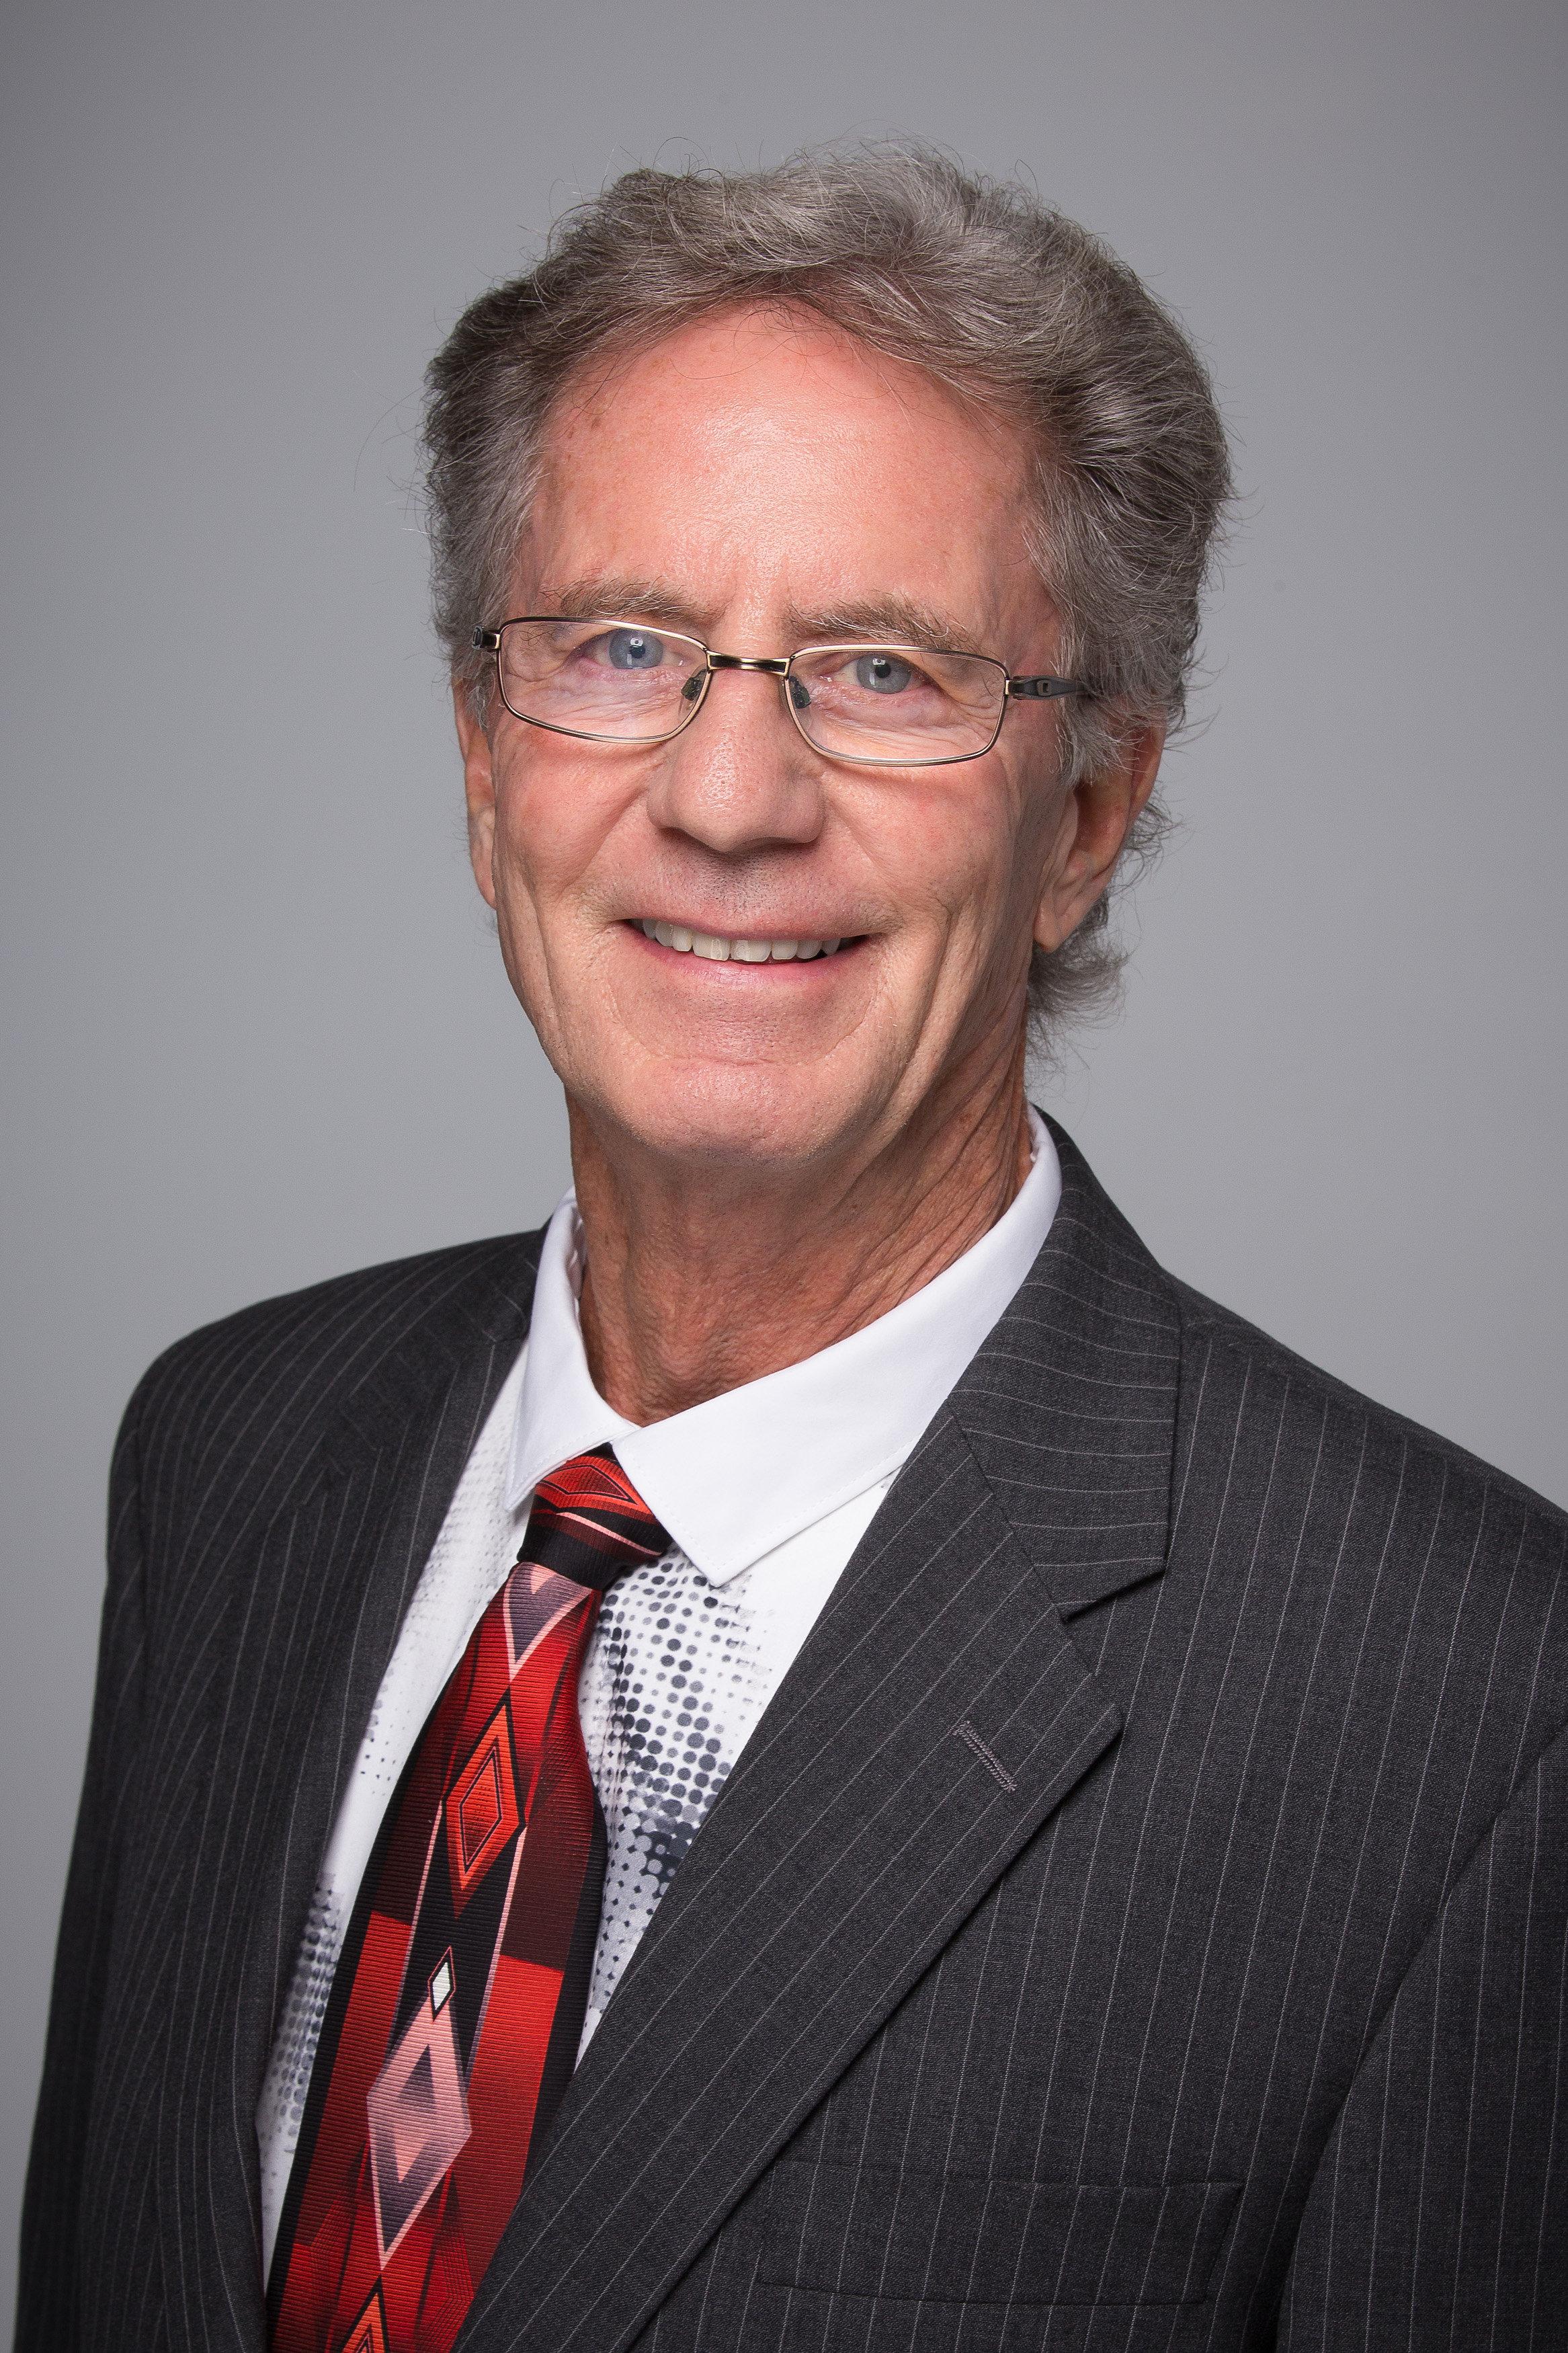 Jim Ramsay